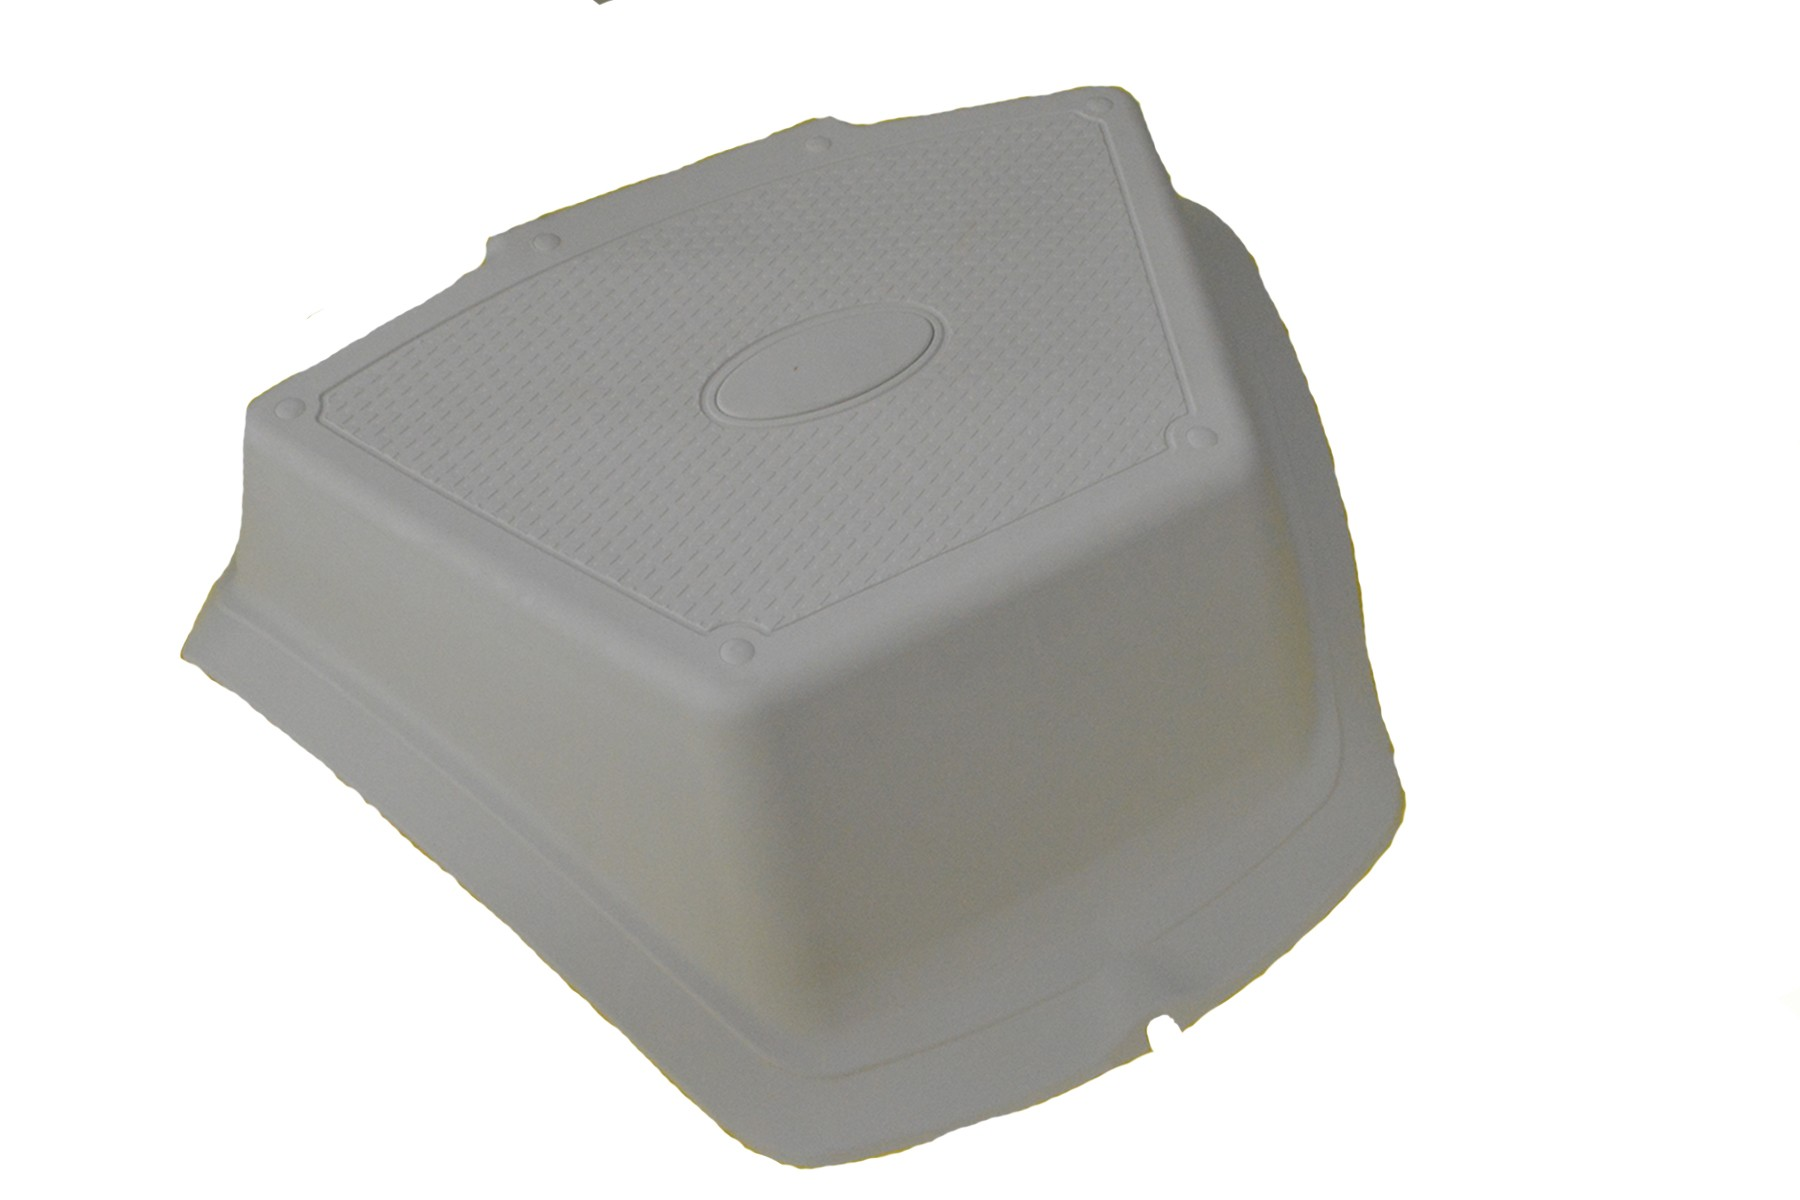 175.25 - Σκαλοπάτι Πλώρης Φουσκωτού PVC Λευκό L 46 Χ W 34